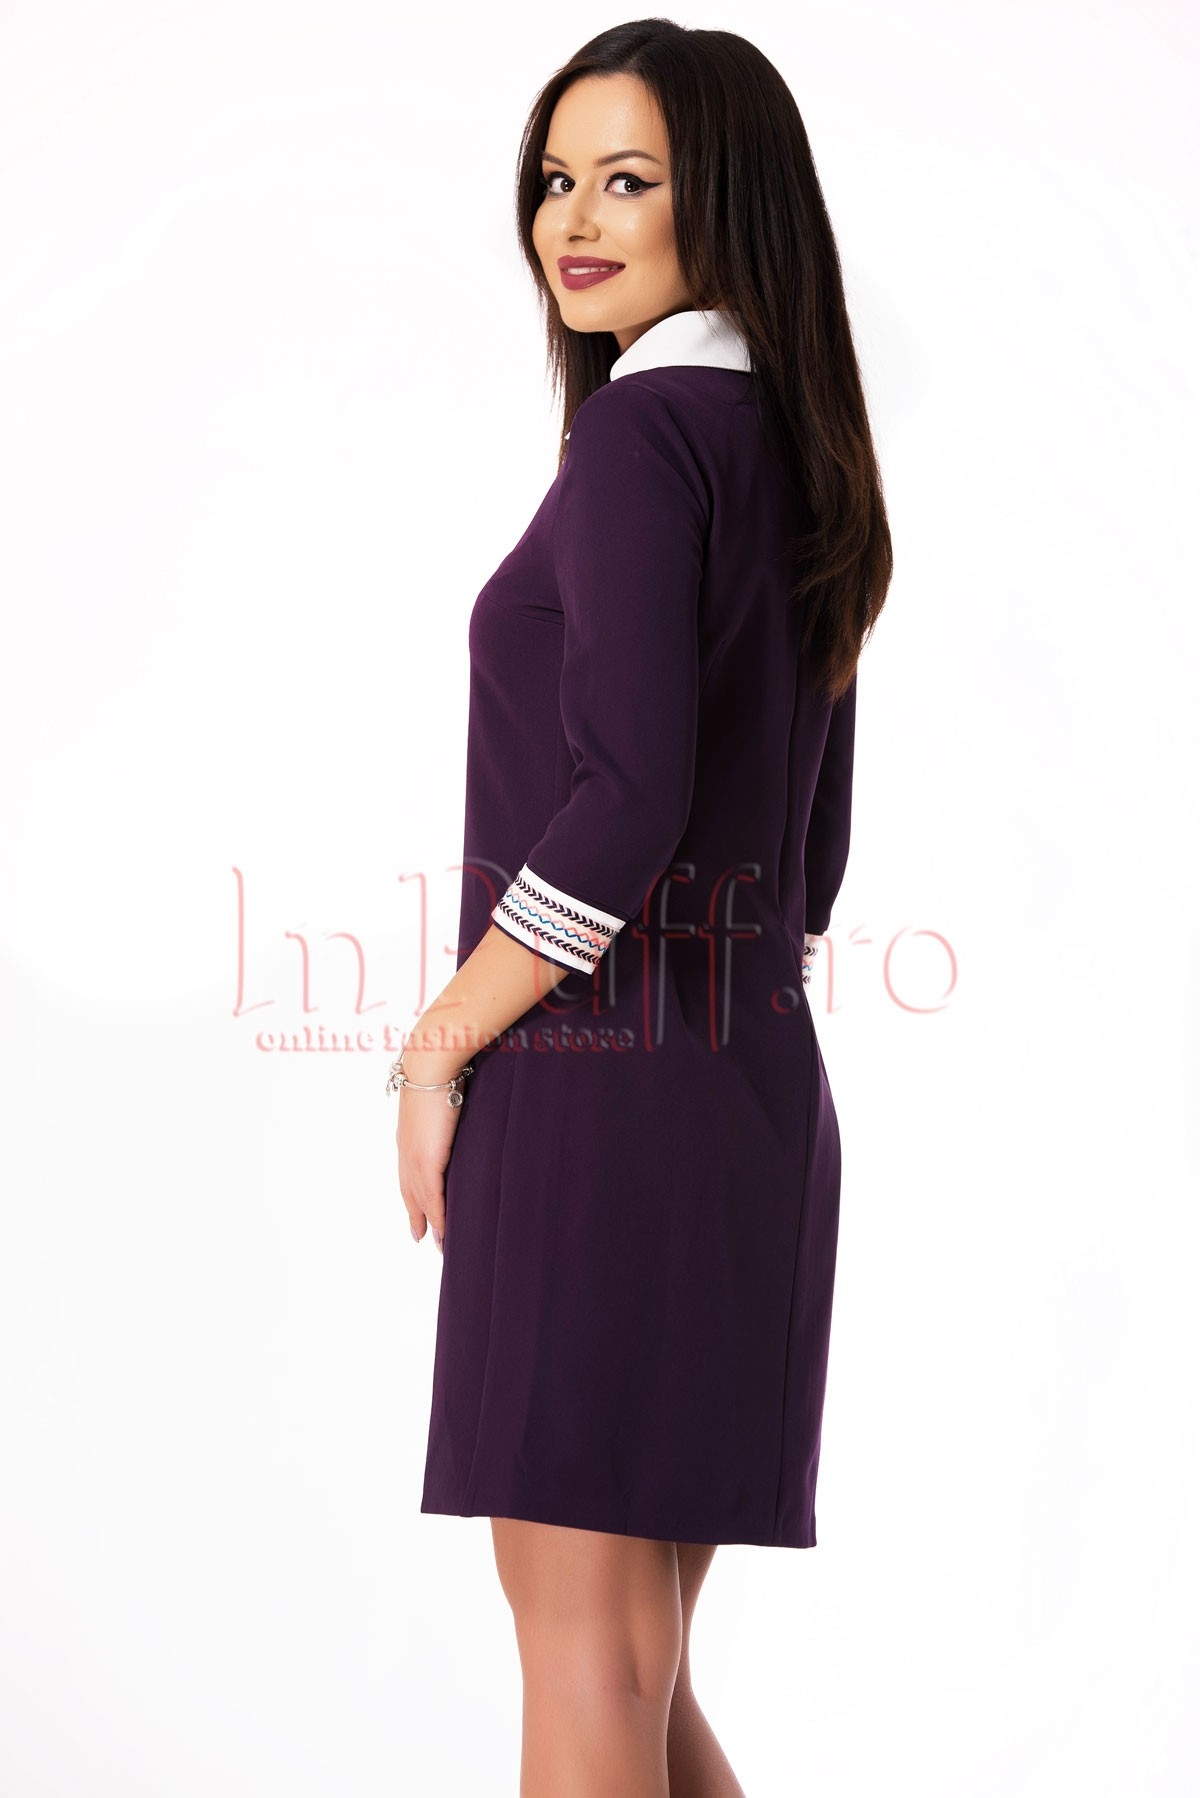 Rochie eleganta mov accesorizata cu broderie colorata